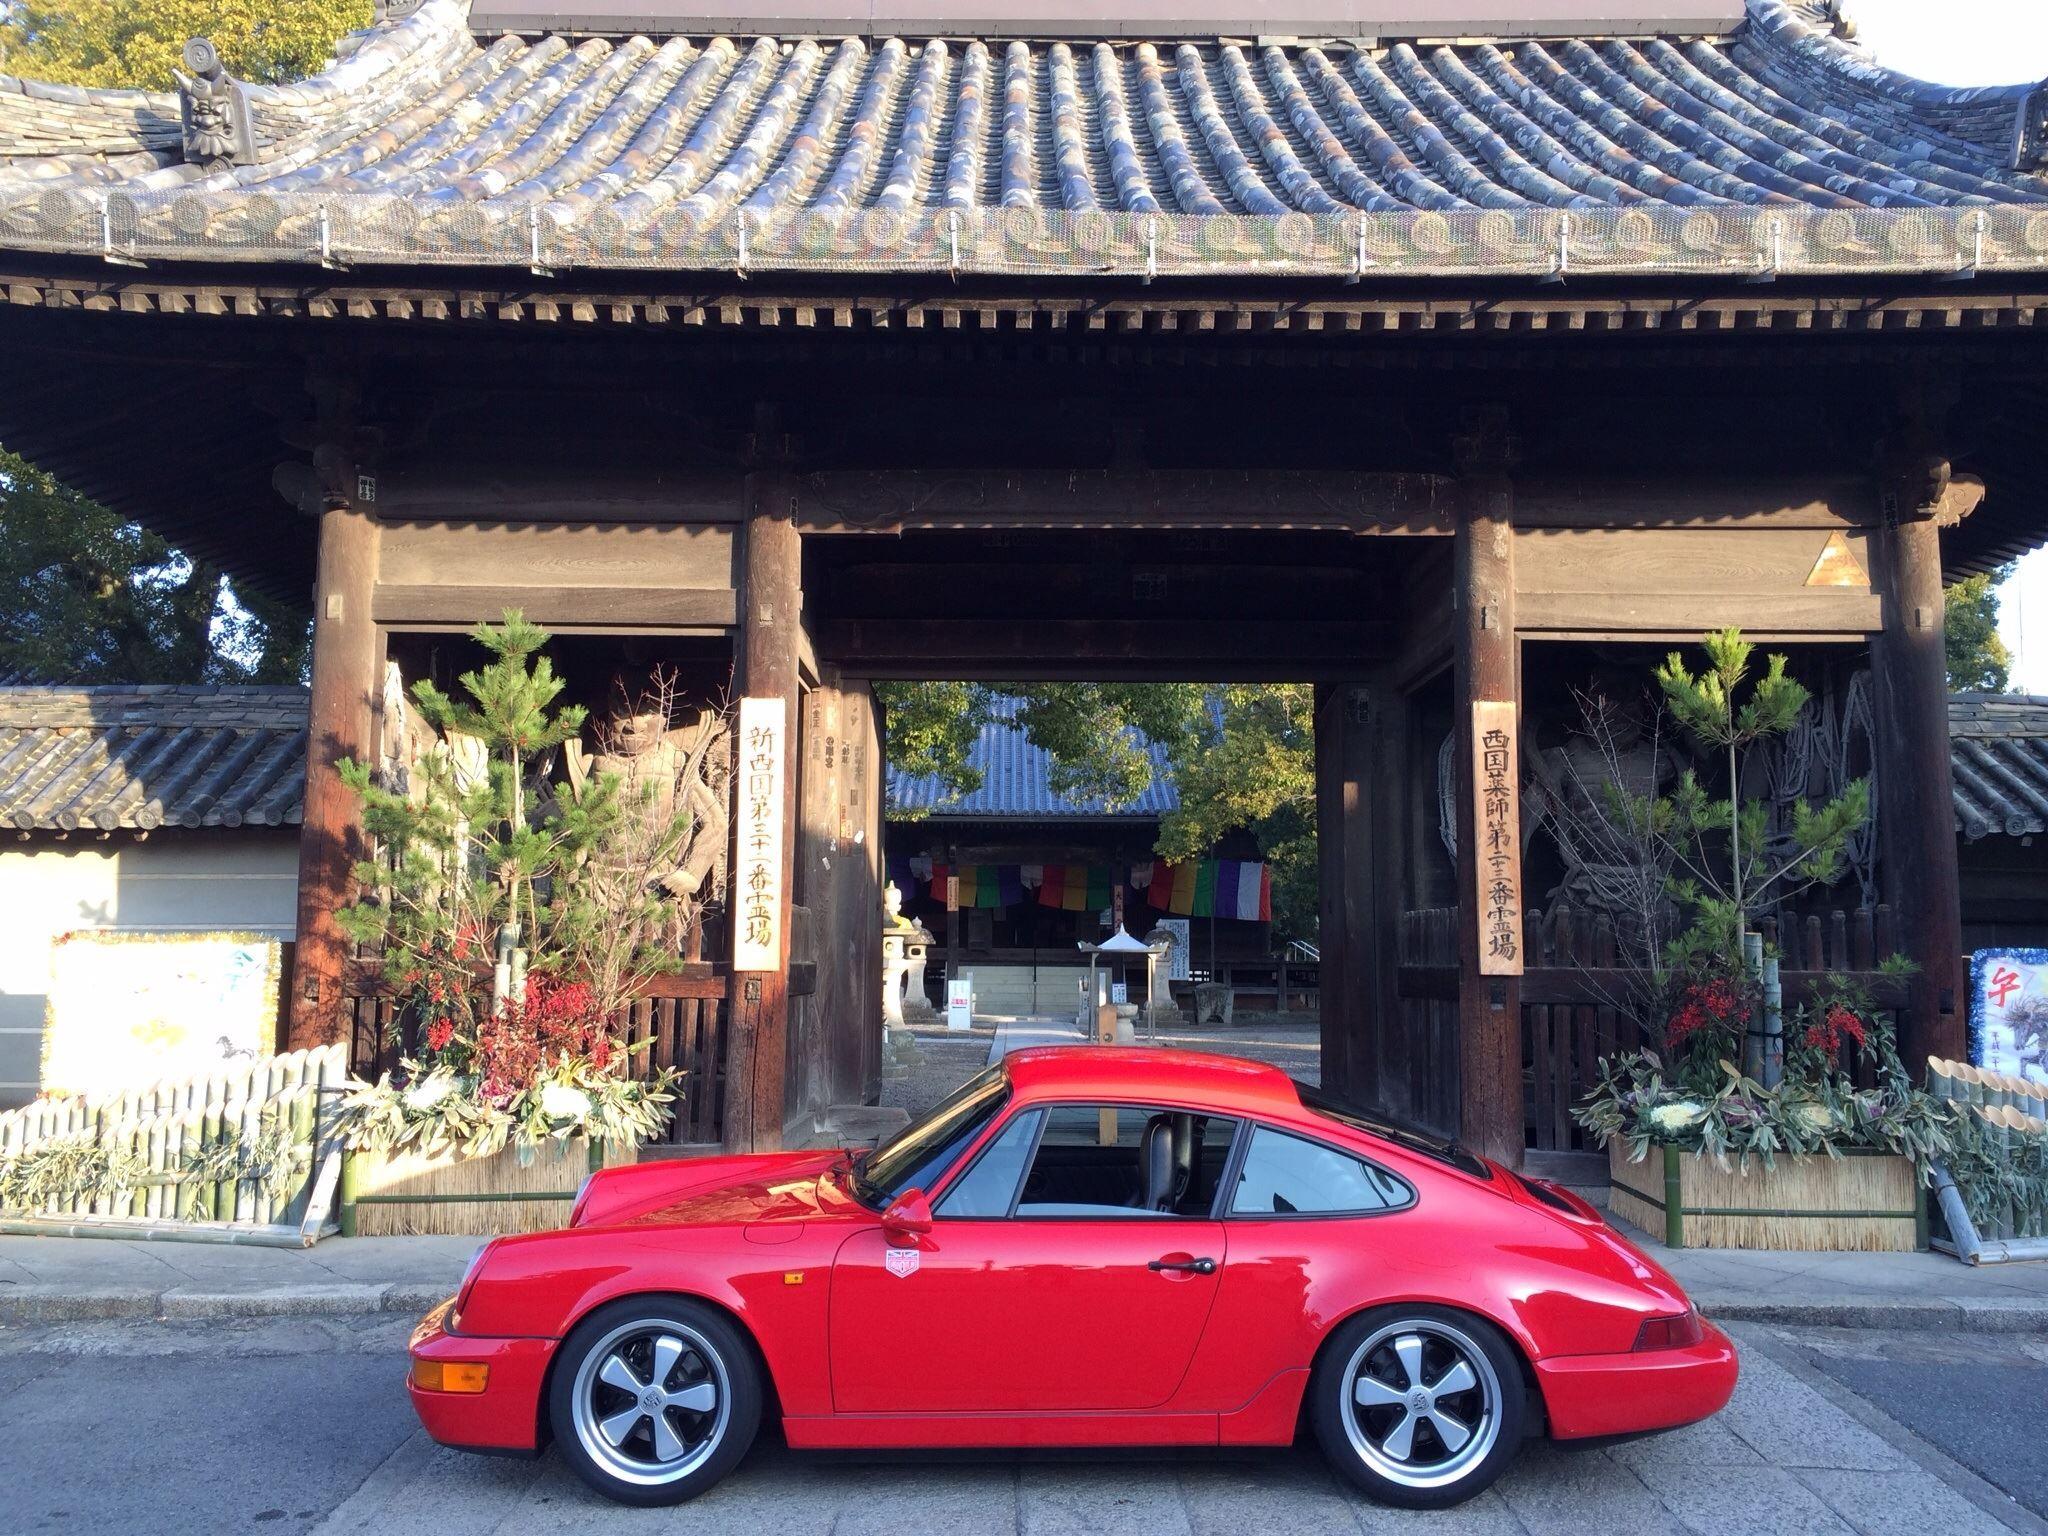 964 in Japan | Porsche 964, Classic cars, Car manufacturers